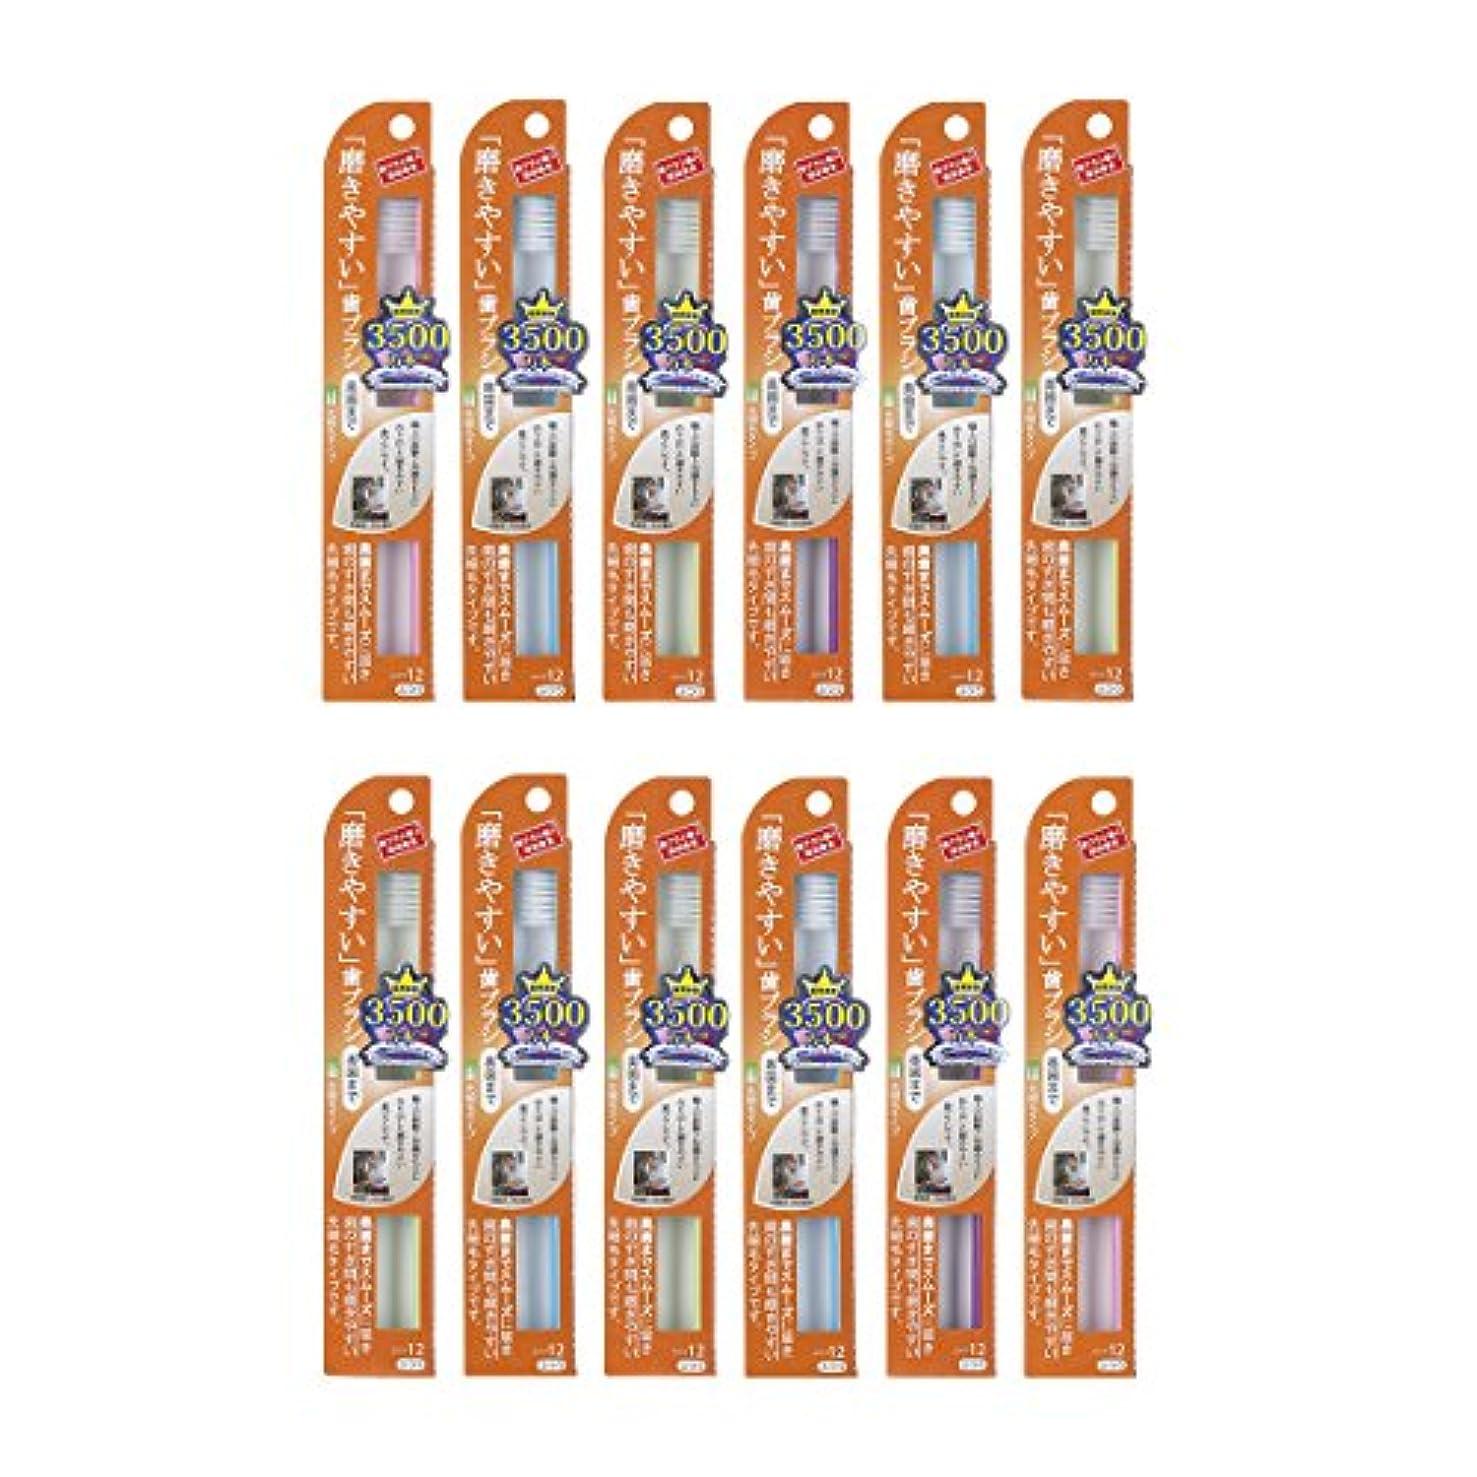 興奮する放映プラスチック歯ブラシ職人Artooth ®田辺重吉 日本製 磨きやすい歯ブラシ(奥歯まで)先細毛タイプ LT-12 (12本パック)